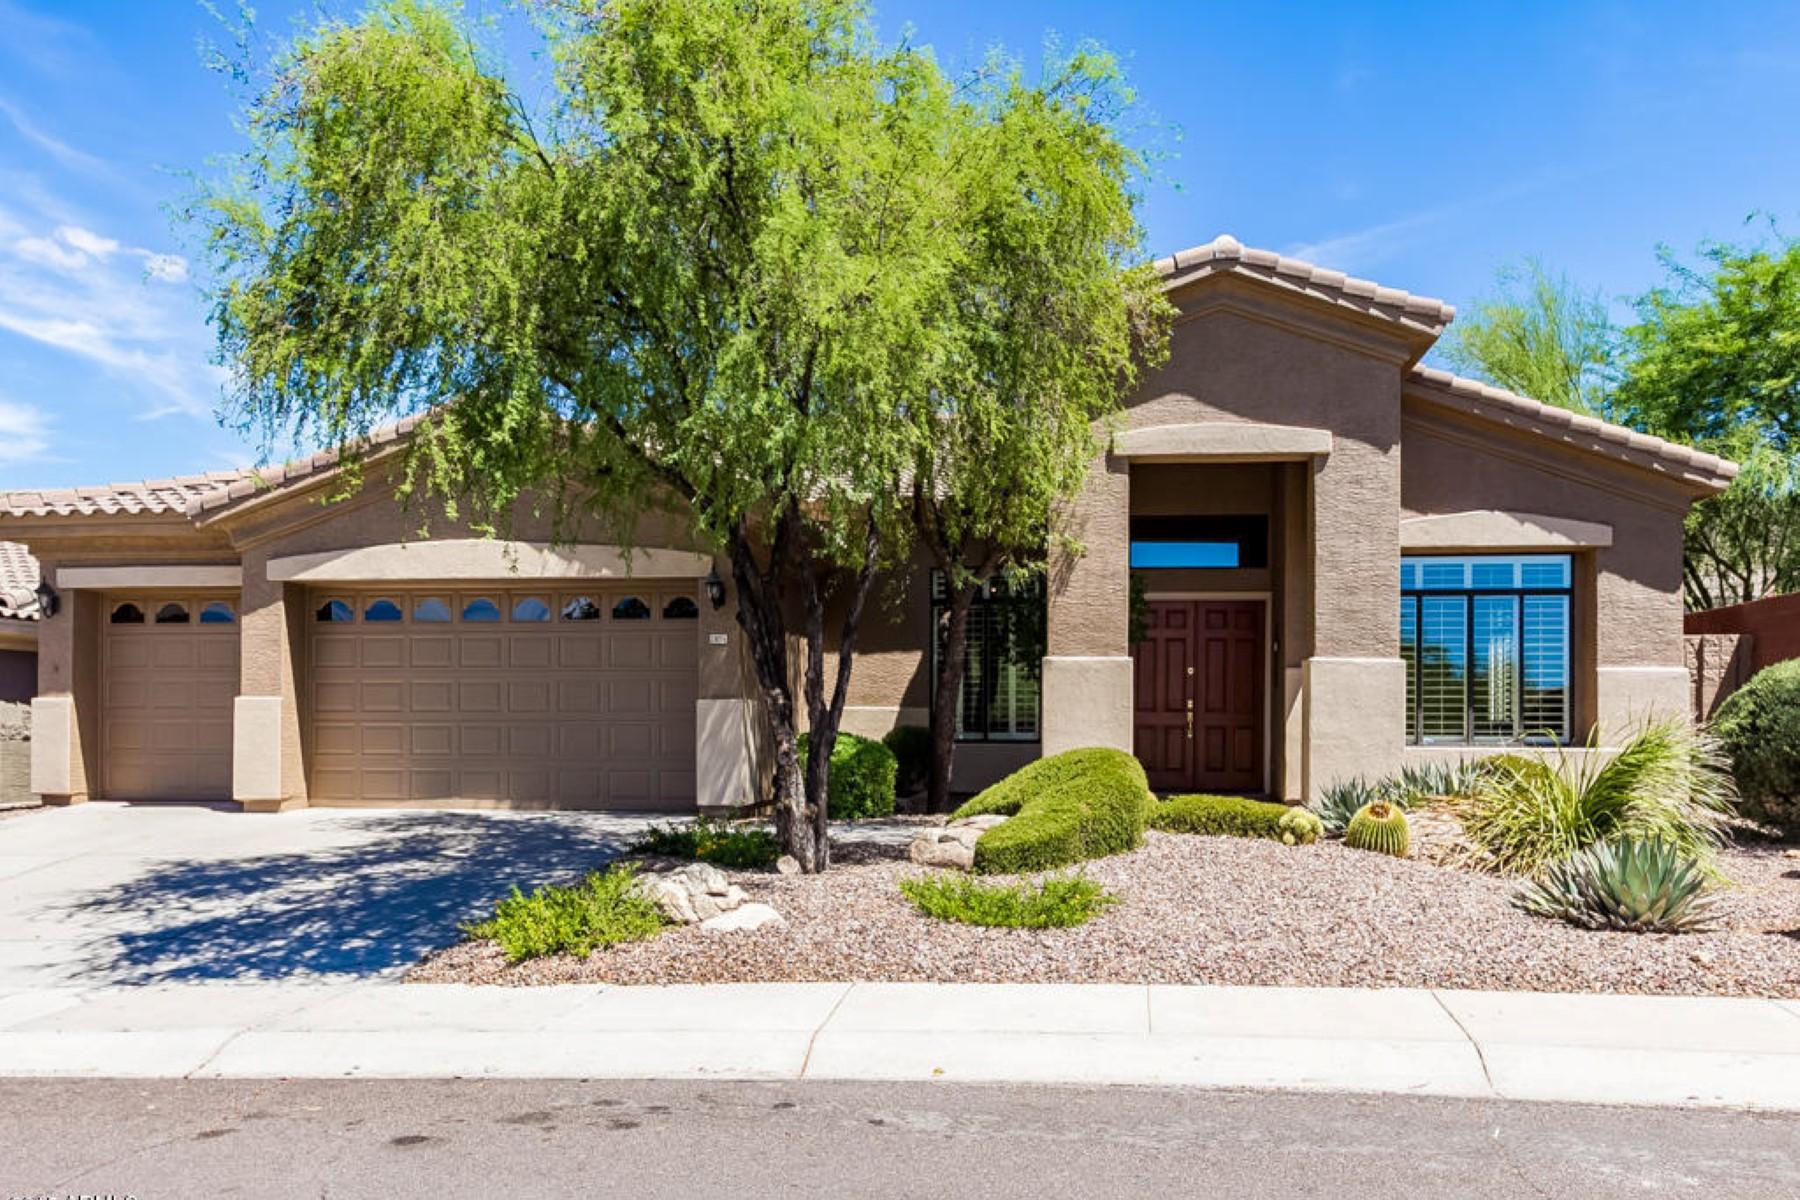 Casa para uma família para Venda às Home with amazing views of the Mcdowell mountains. 13076 E POINSETTIA DR Scottsdale, Arizona 85259 Estados Unidos